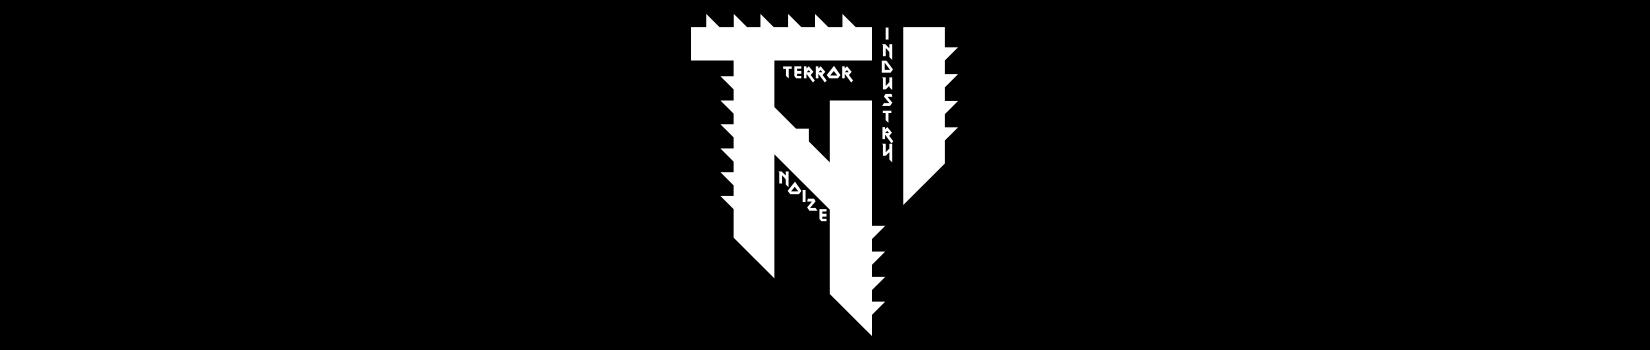 Terrornoize Industry / TNI